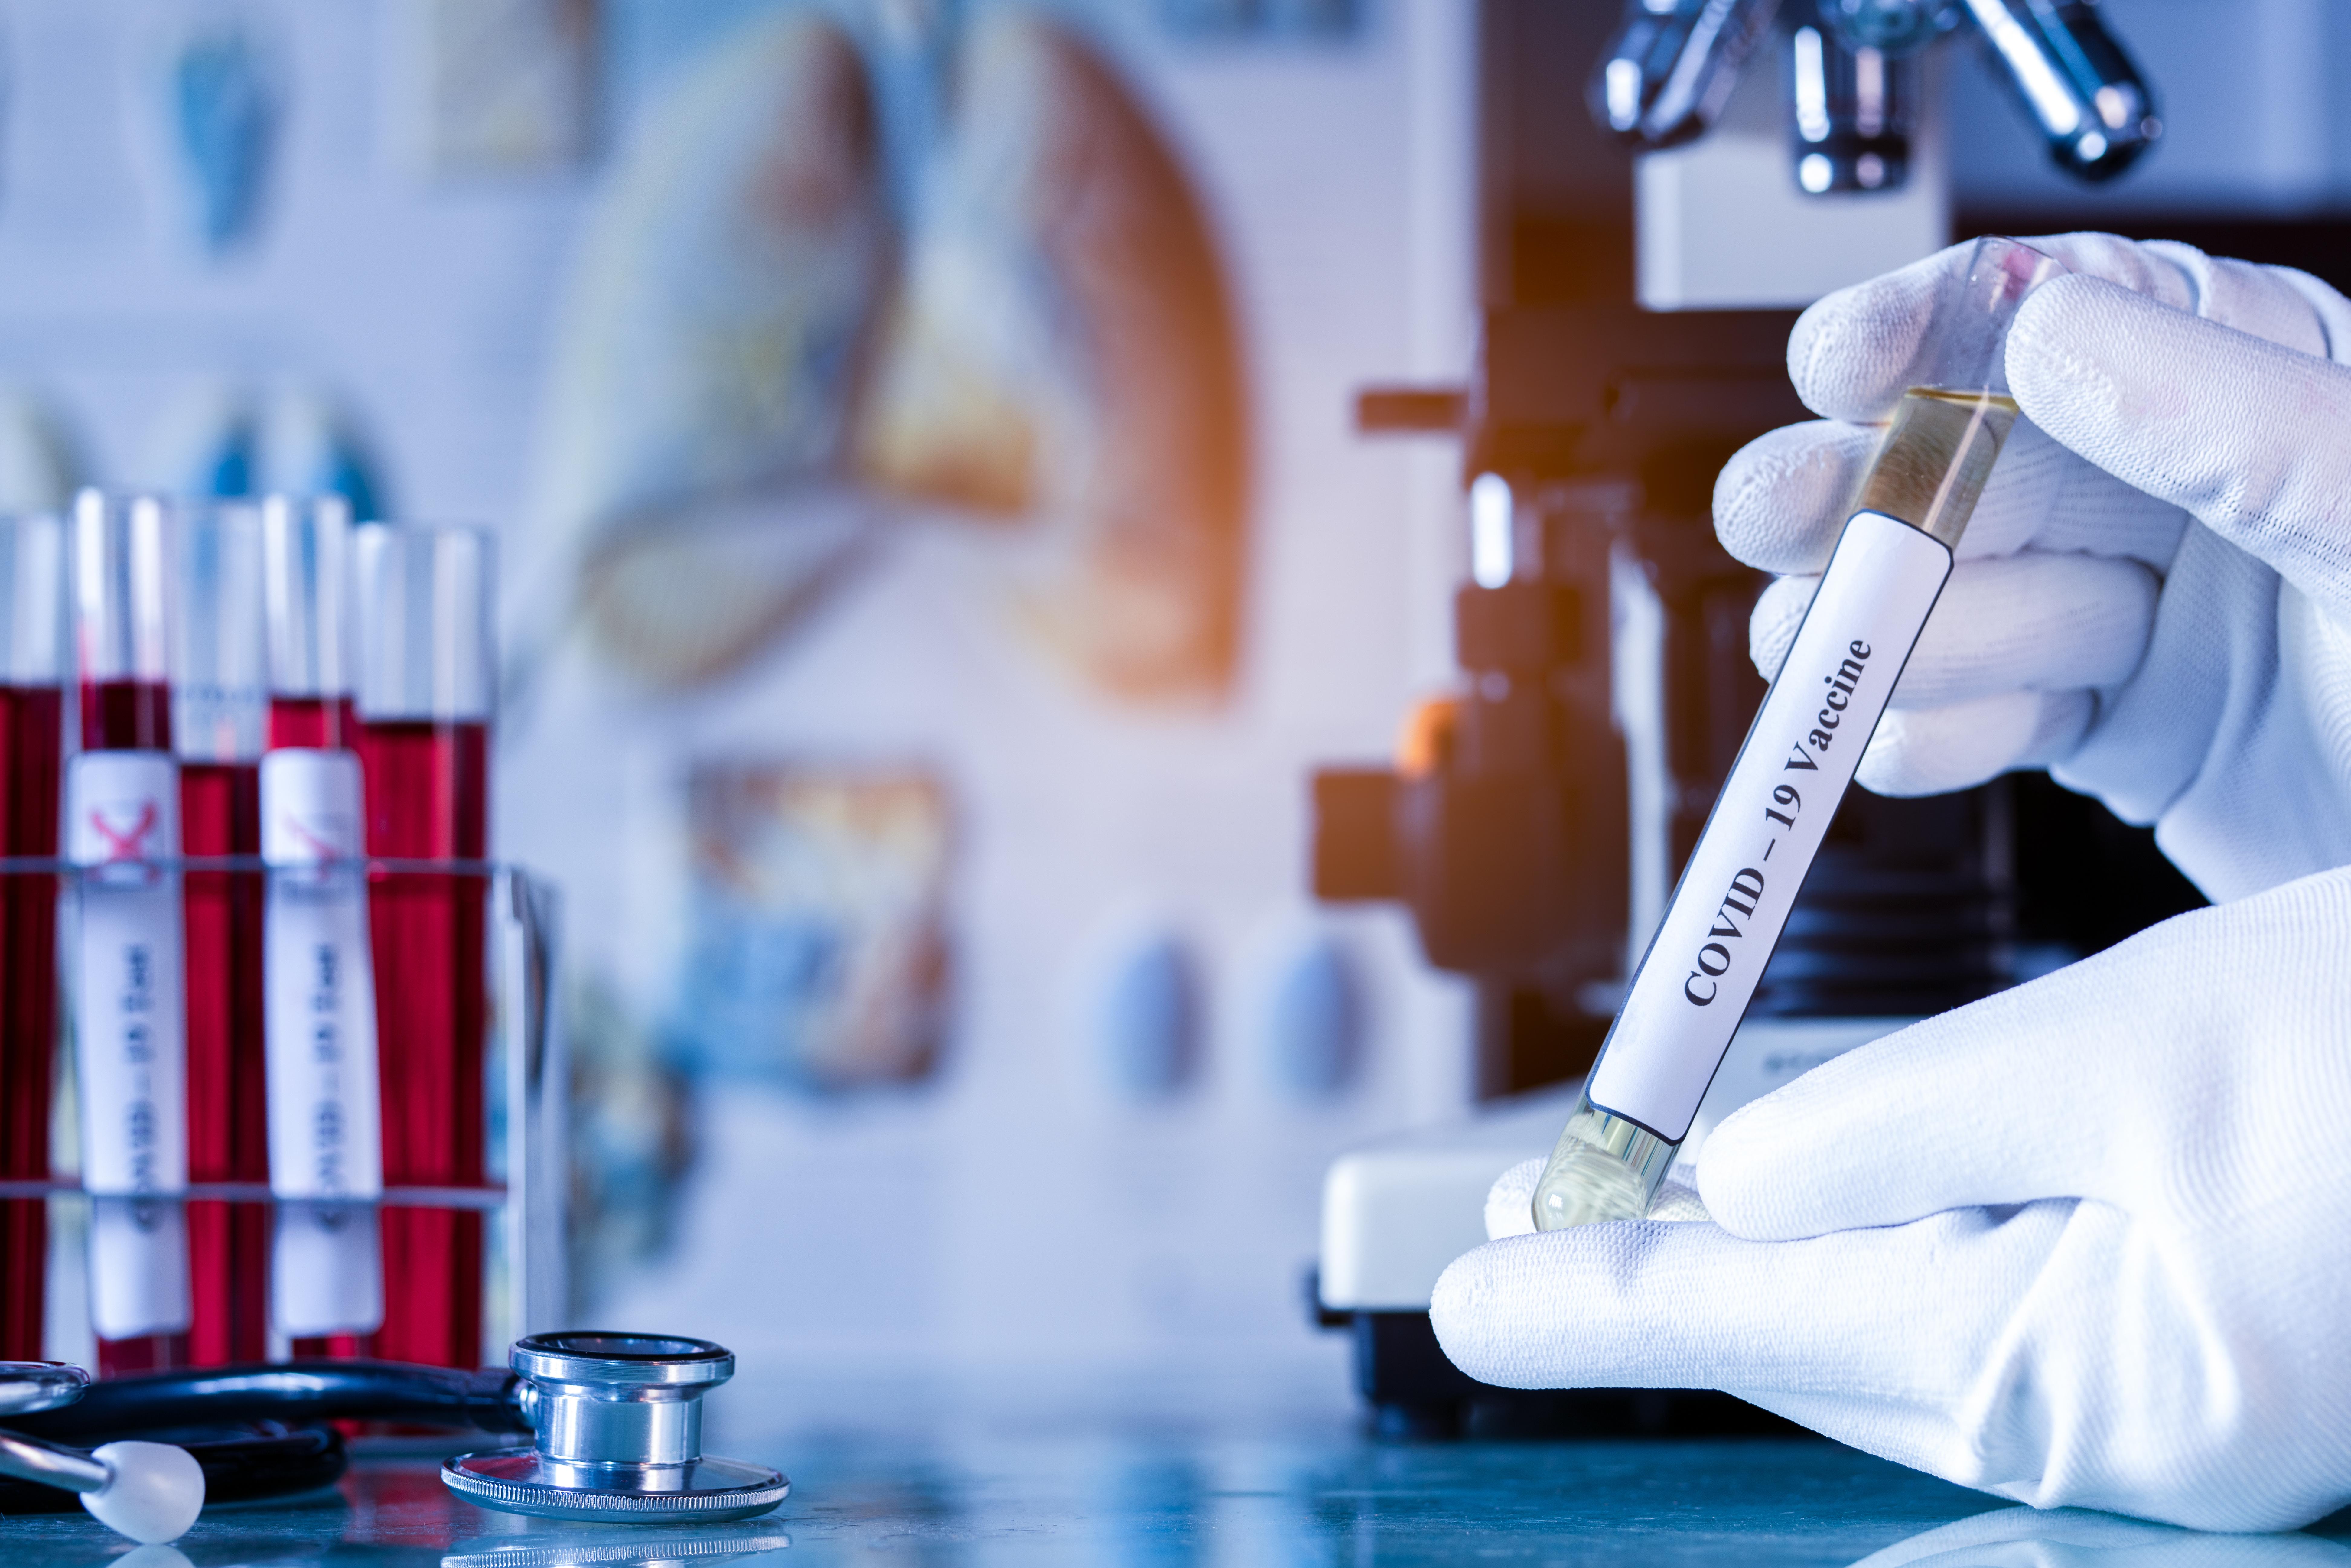 La patiente atteinte de leucémie et immunodéprimée, porteuse du coronavirus pendant au moins 105 jours et infectieuse pendant au moins 70 jours, est restée asymptomatique tout le temps (Visuel Adobe Stock 33294447).